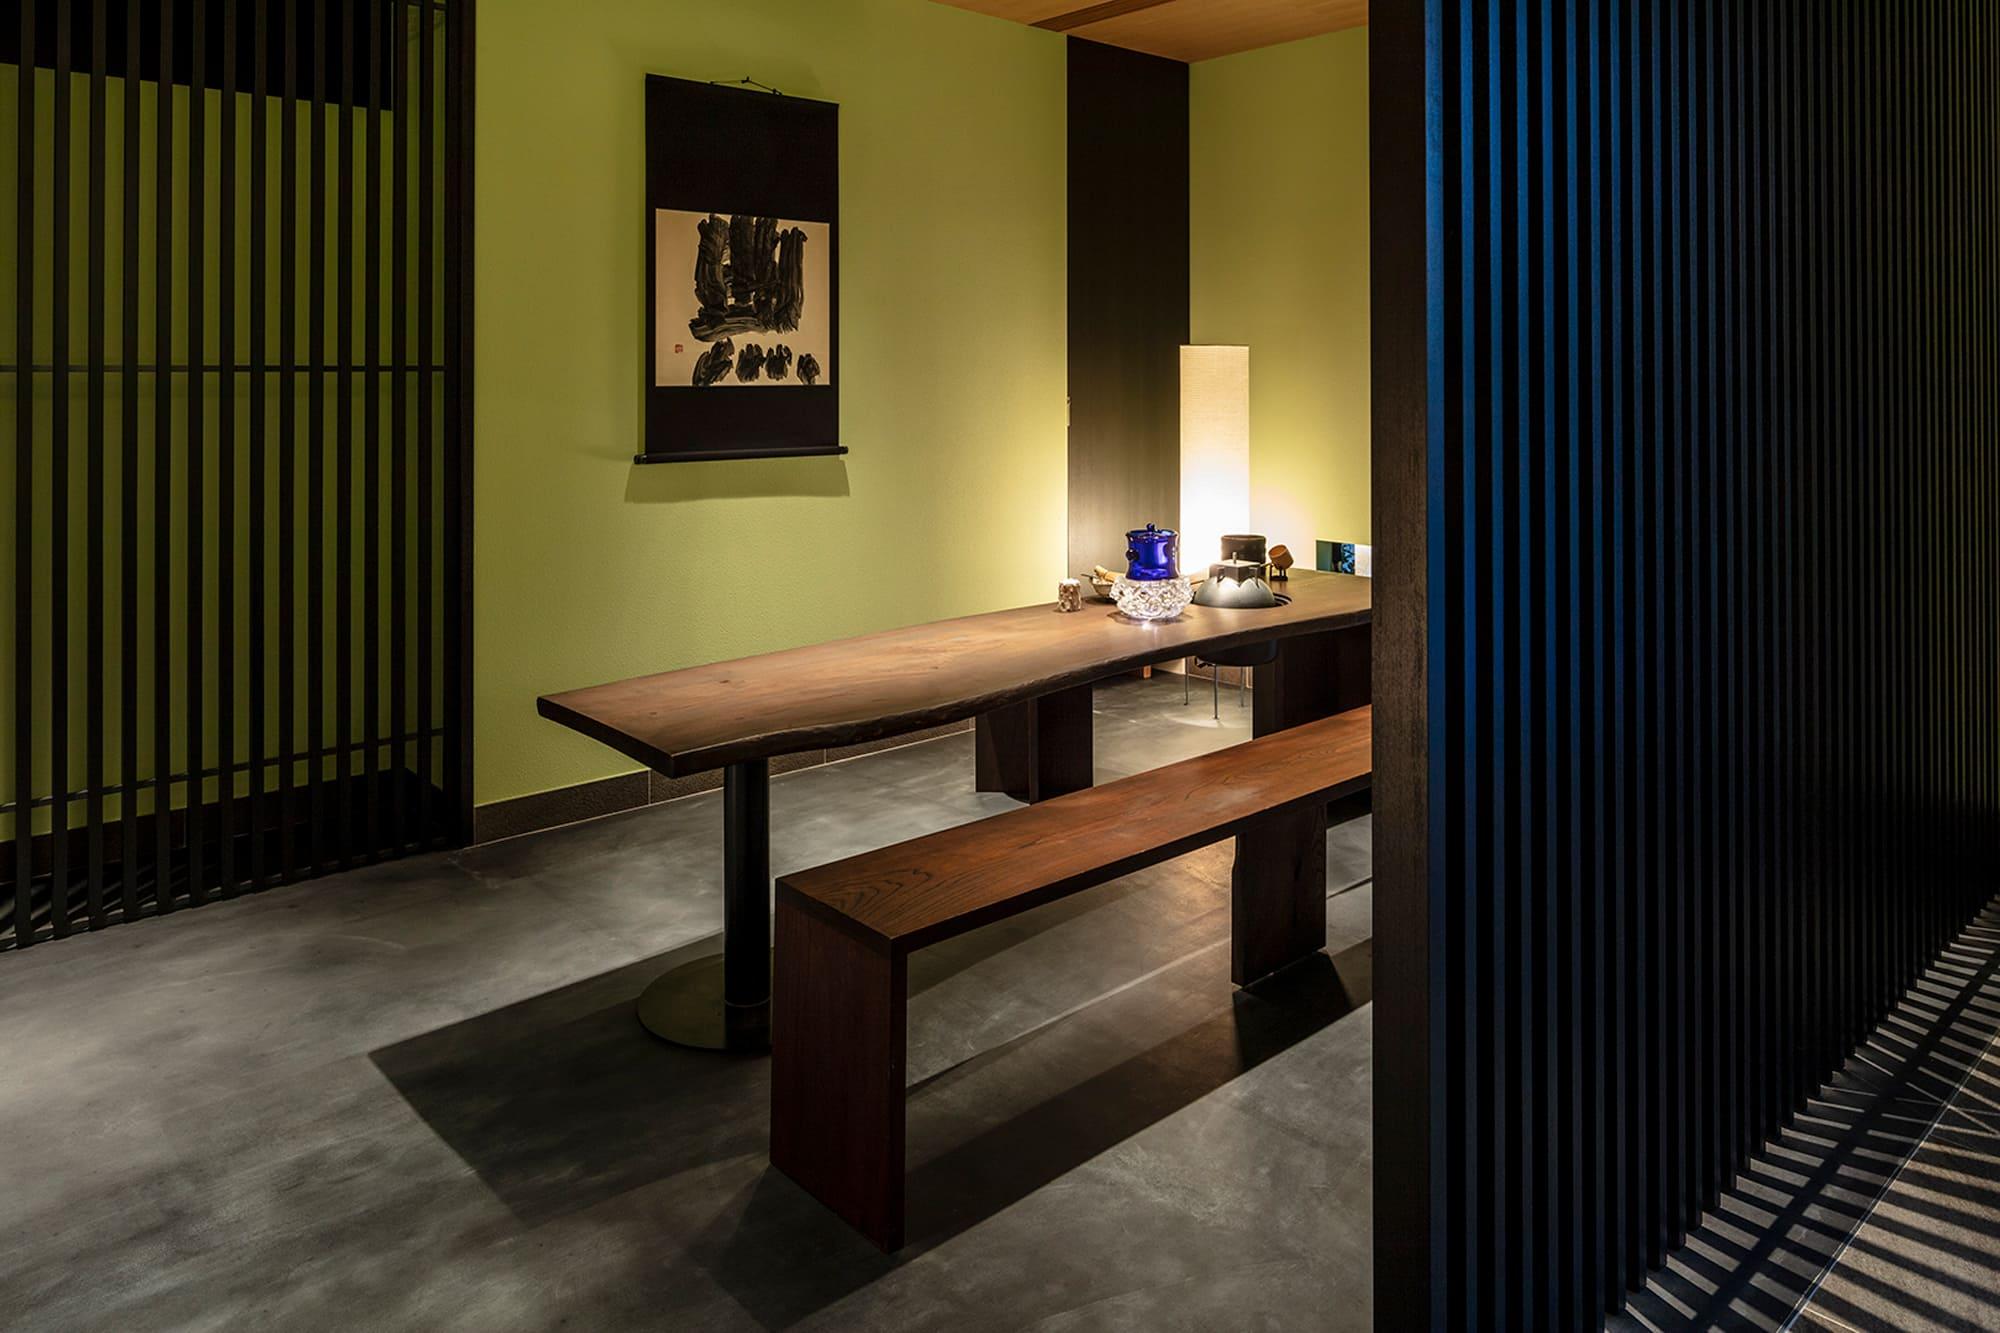 「麩屋町通 Ⅱ」のレセプション前に設えられた立礼の茶席。